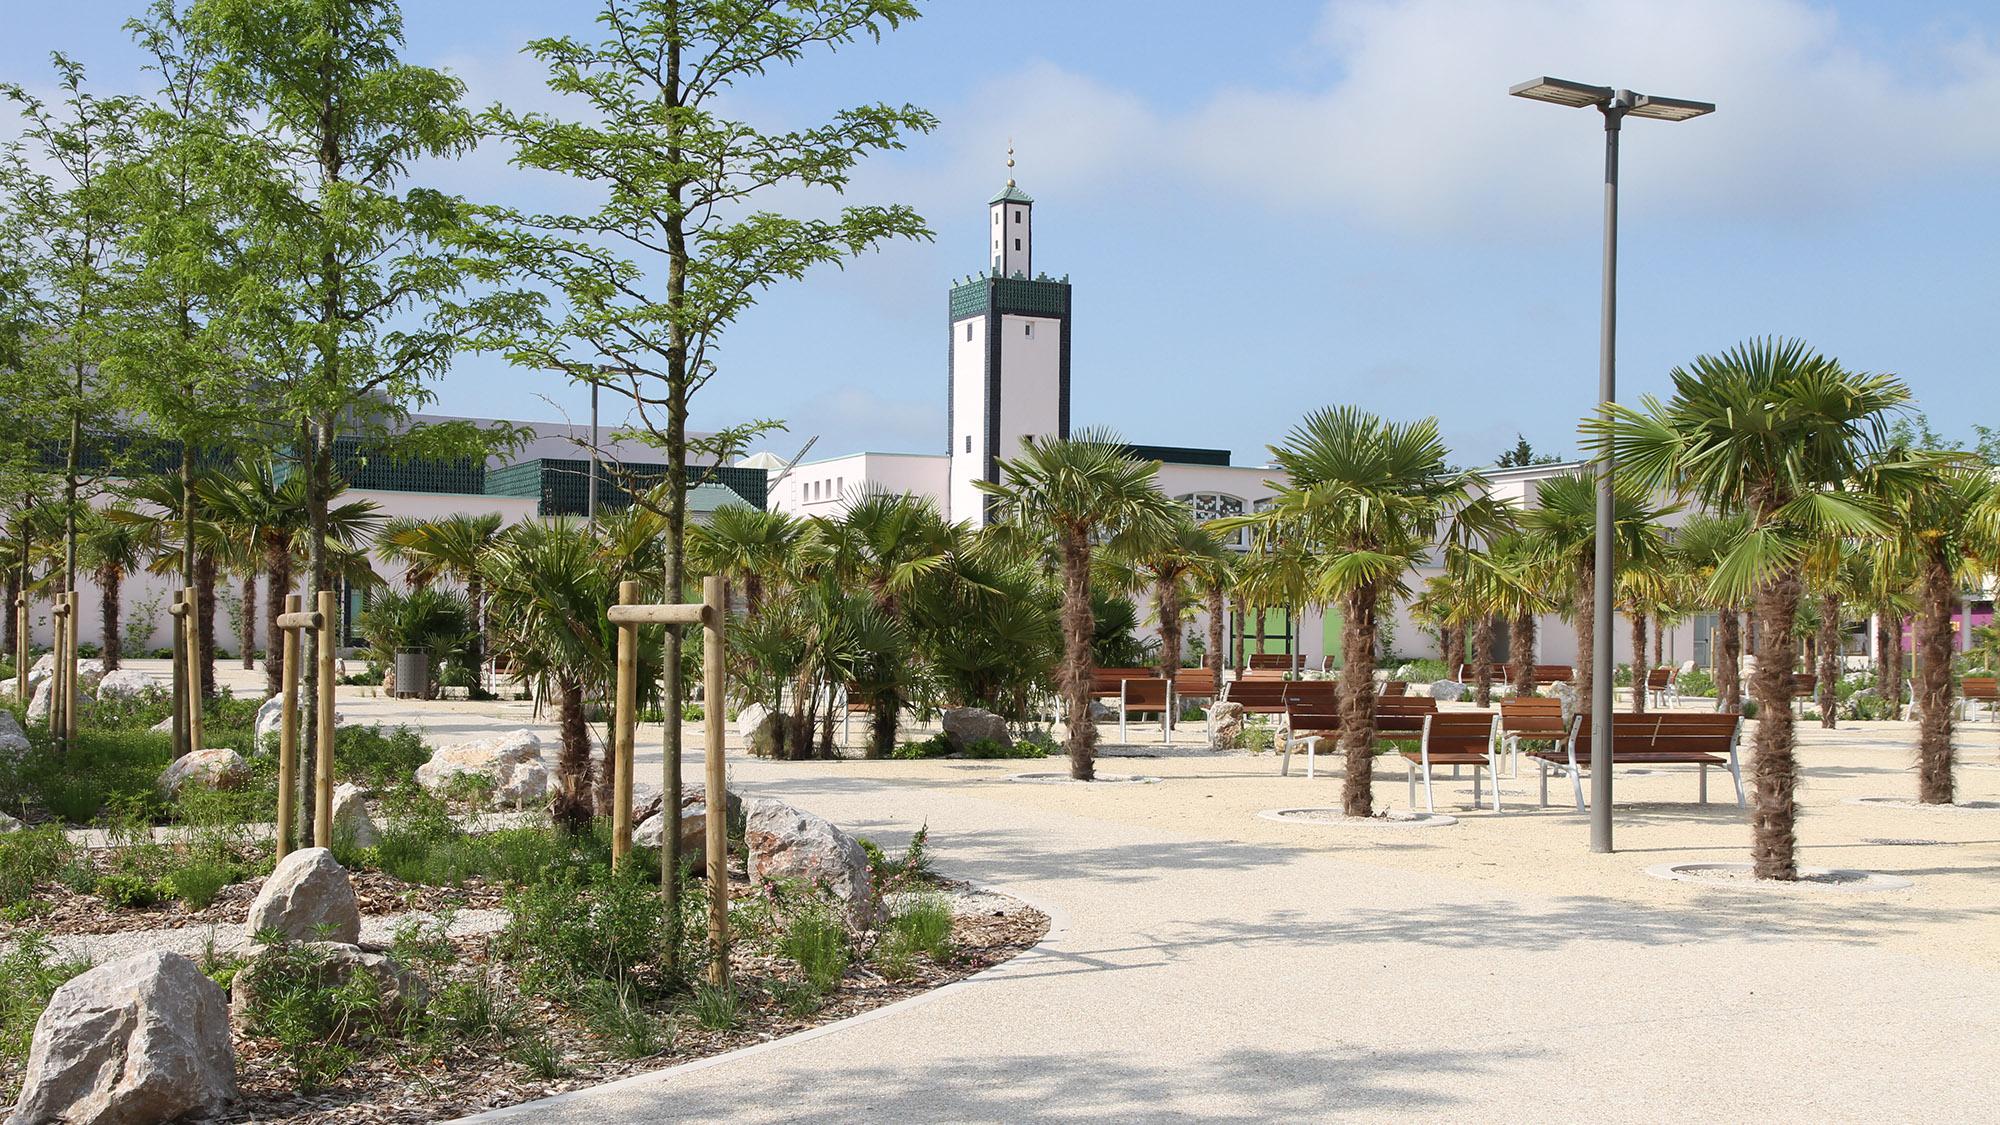 La place Franco-mauresque et la vue sur le minaret de la mosquée de Mantes-la-Jolie